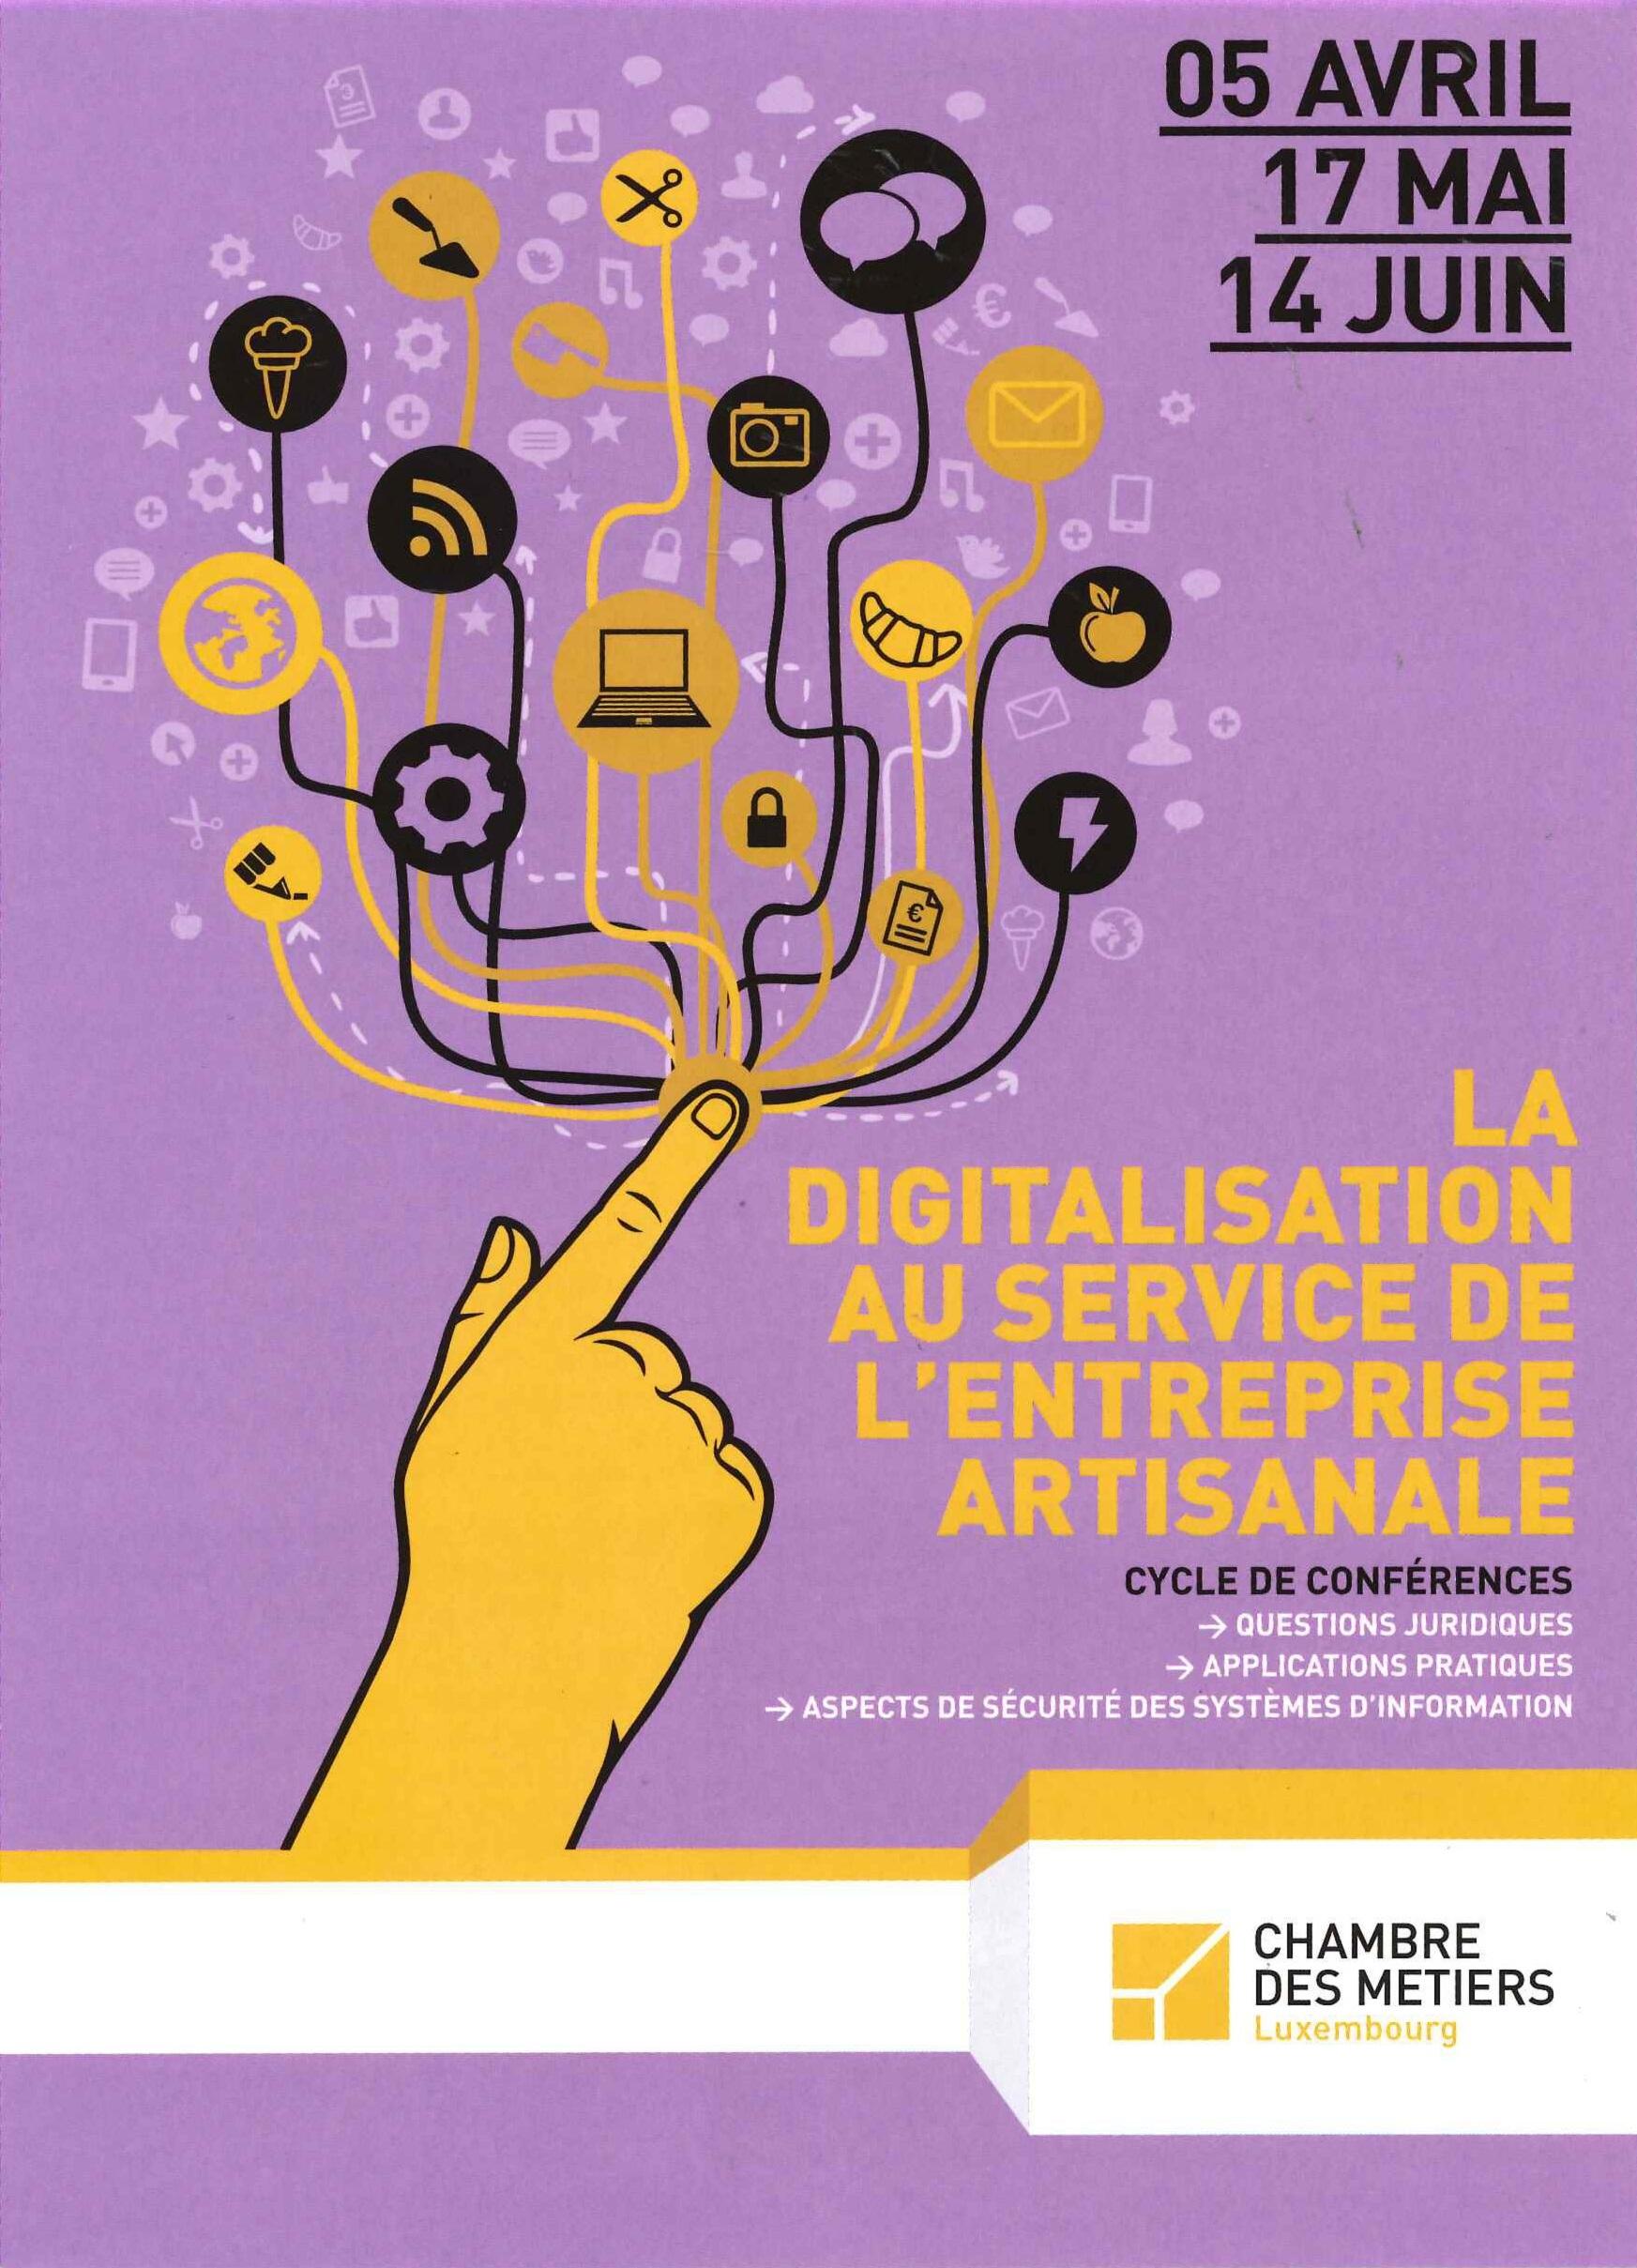 Conférence De La Chambre Des Métiers Sur La Facturation tout Chambre Des Metiers Troyes